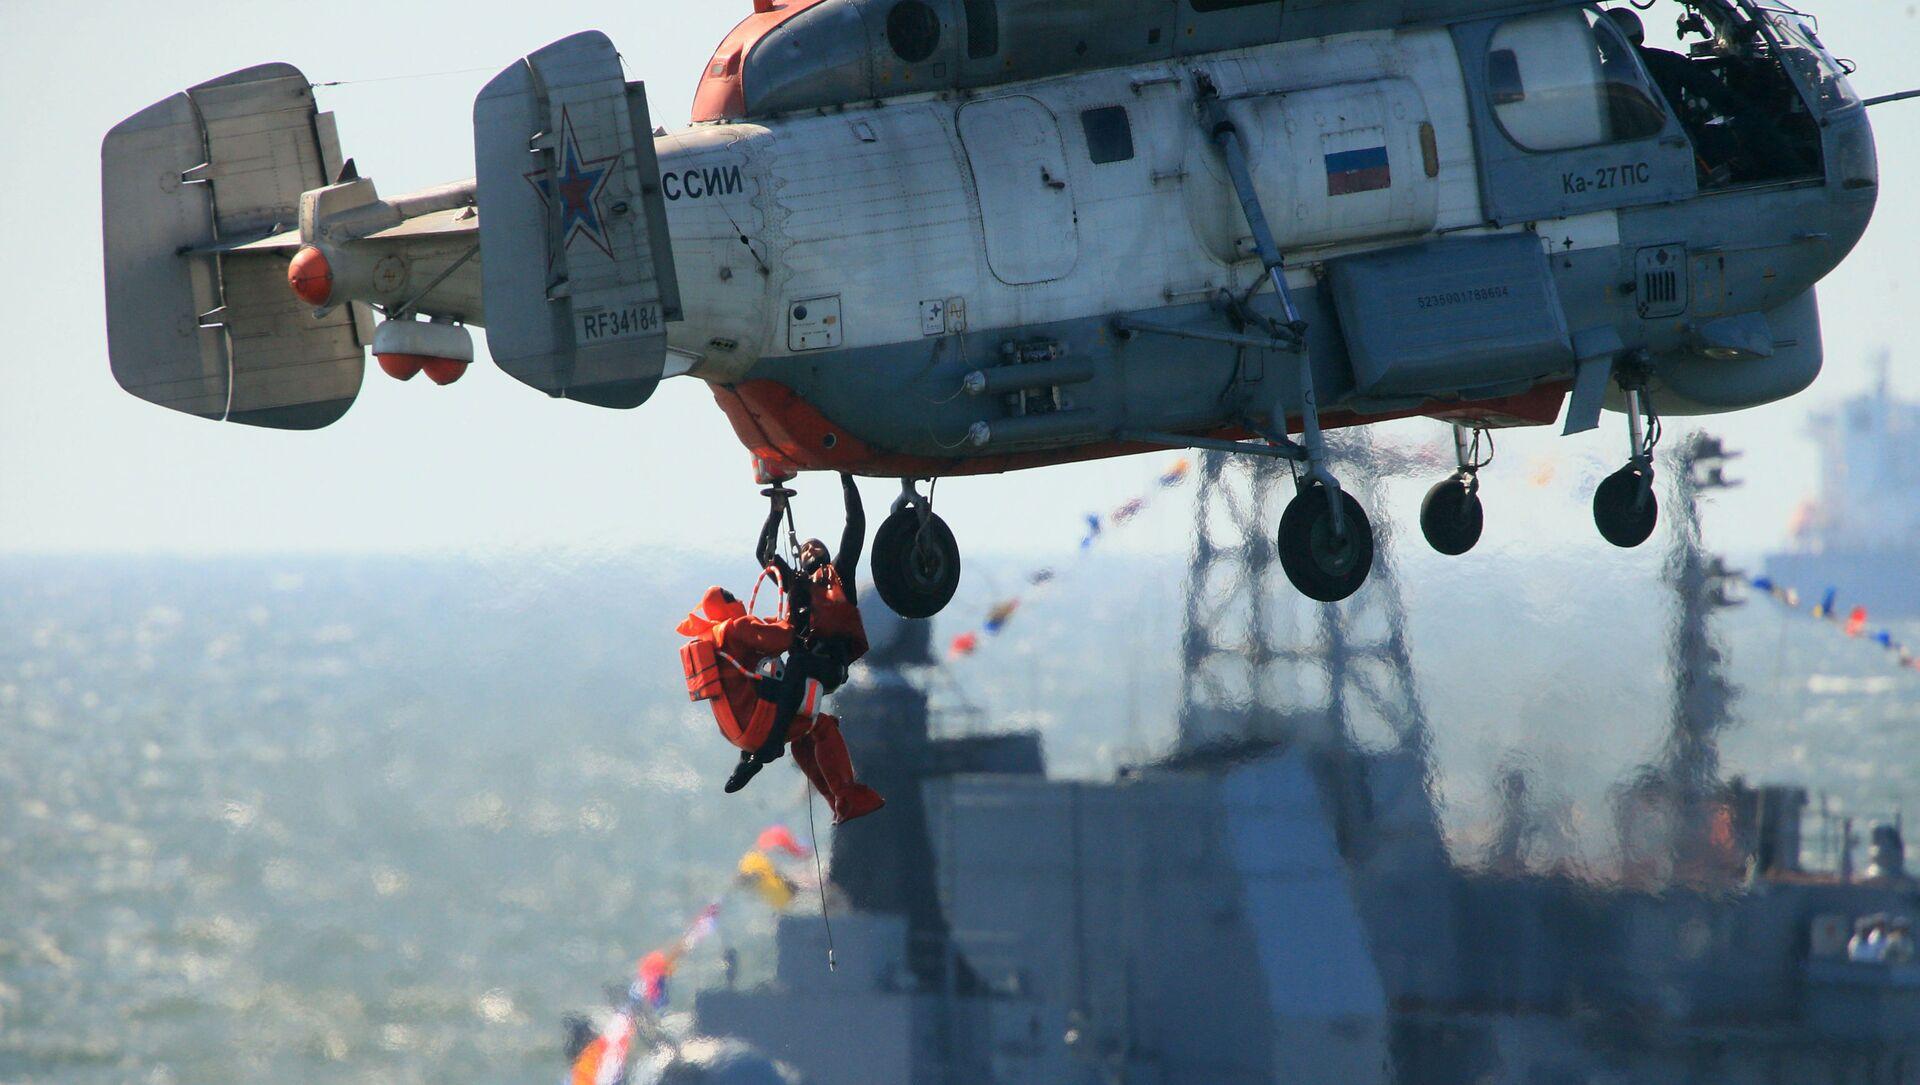 Морской поисково-спасательный вертолет Ка-27ПС во время генеральной репетиции парада, посвященного Дню Военно-морского флота РФ в Балтийске - Sputnik 日本, 1920, 24.09.2021